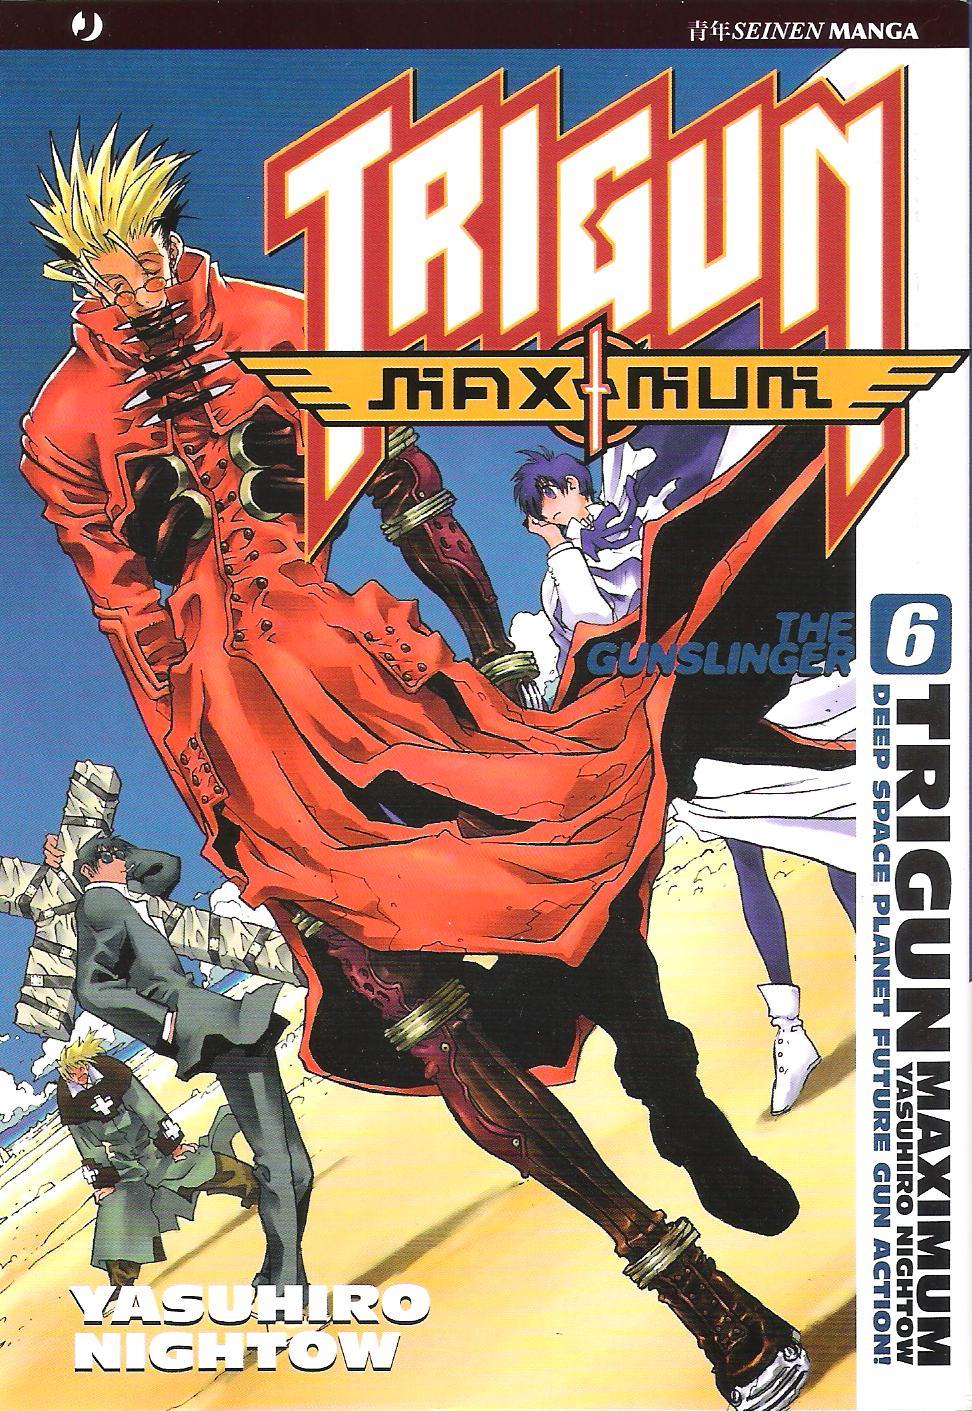 Trigun Maximum vol. 6